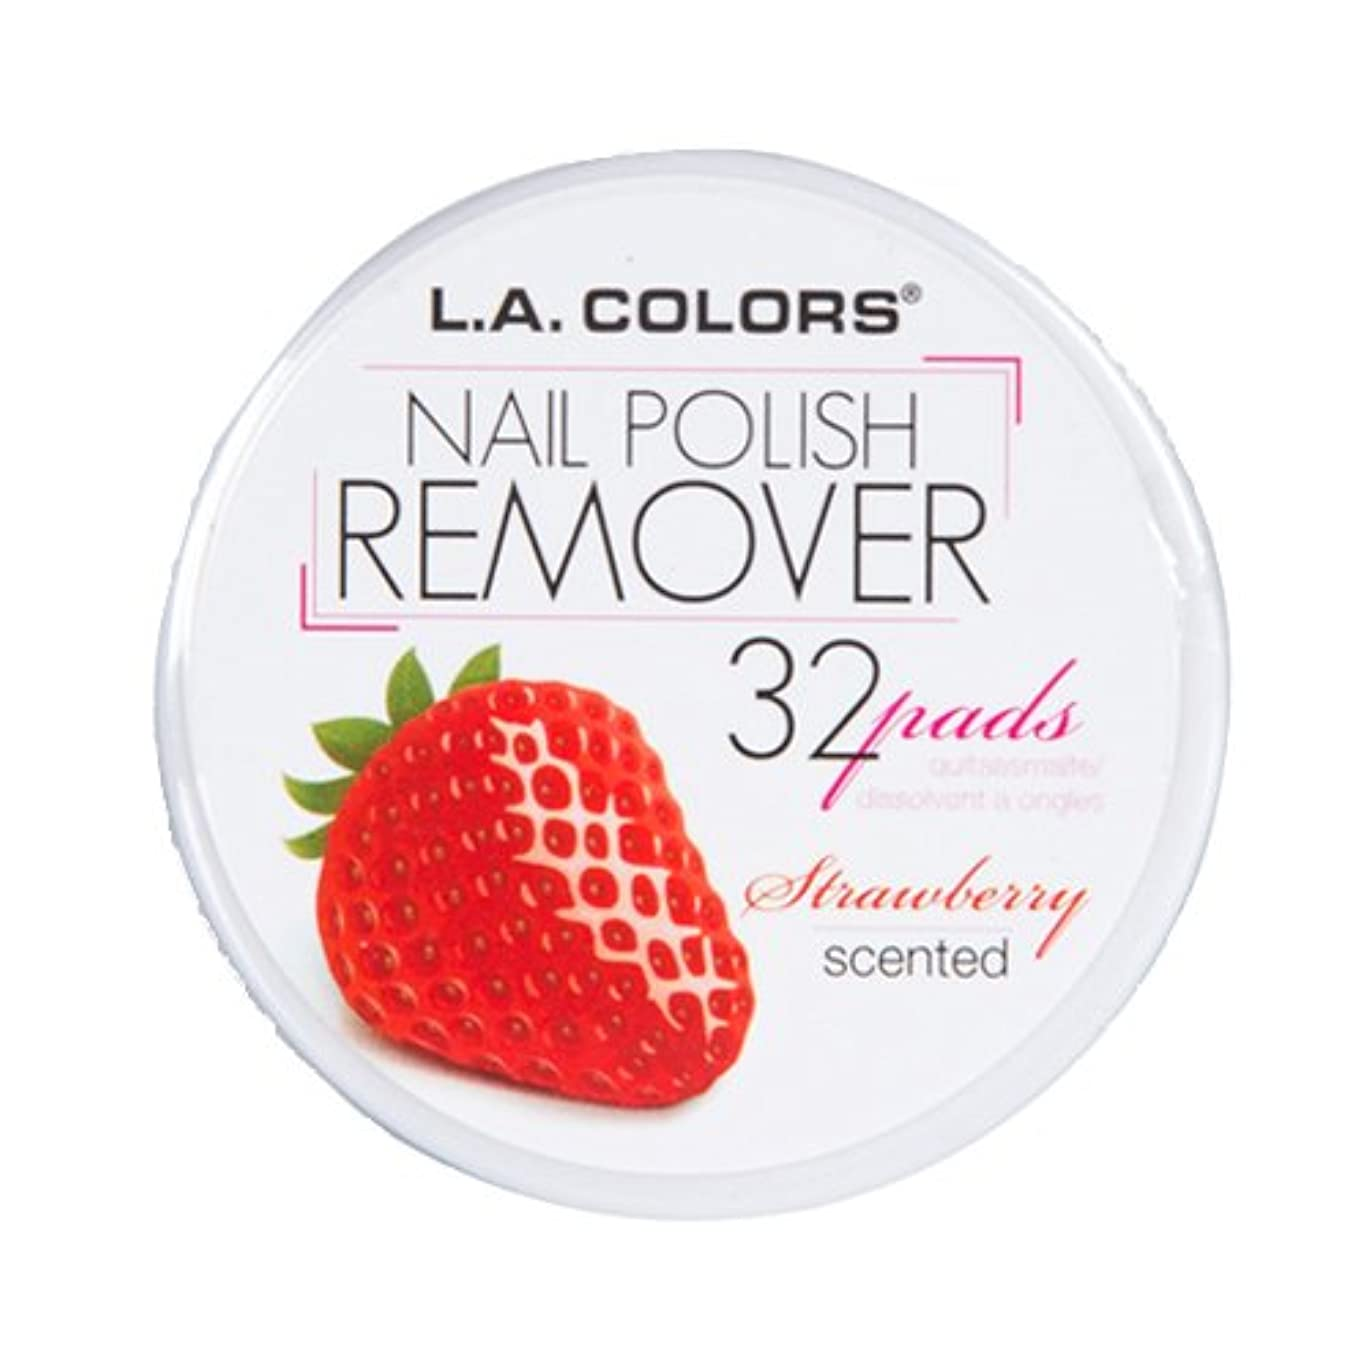 ダンプ失効違う(6 Pack) L.A. COLORS Nail Polish Remover Pads - Strawberry (並行輸入品)